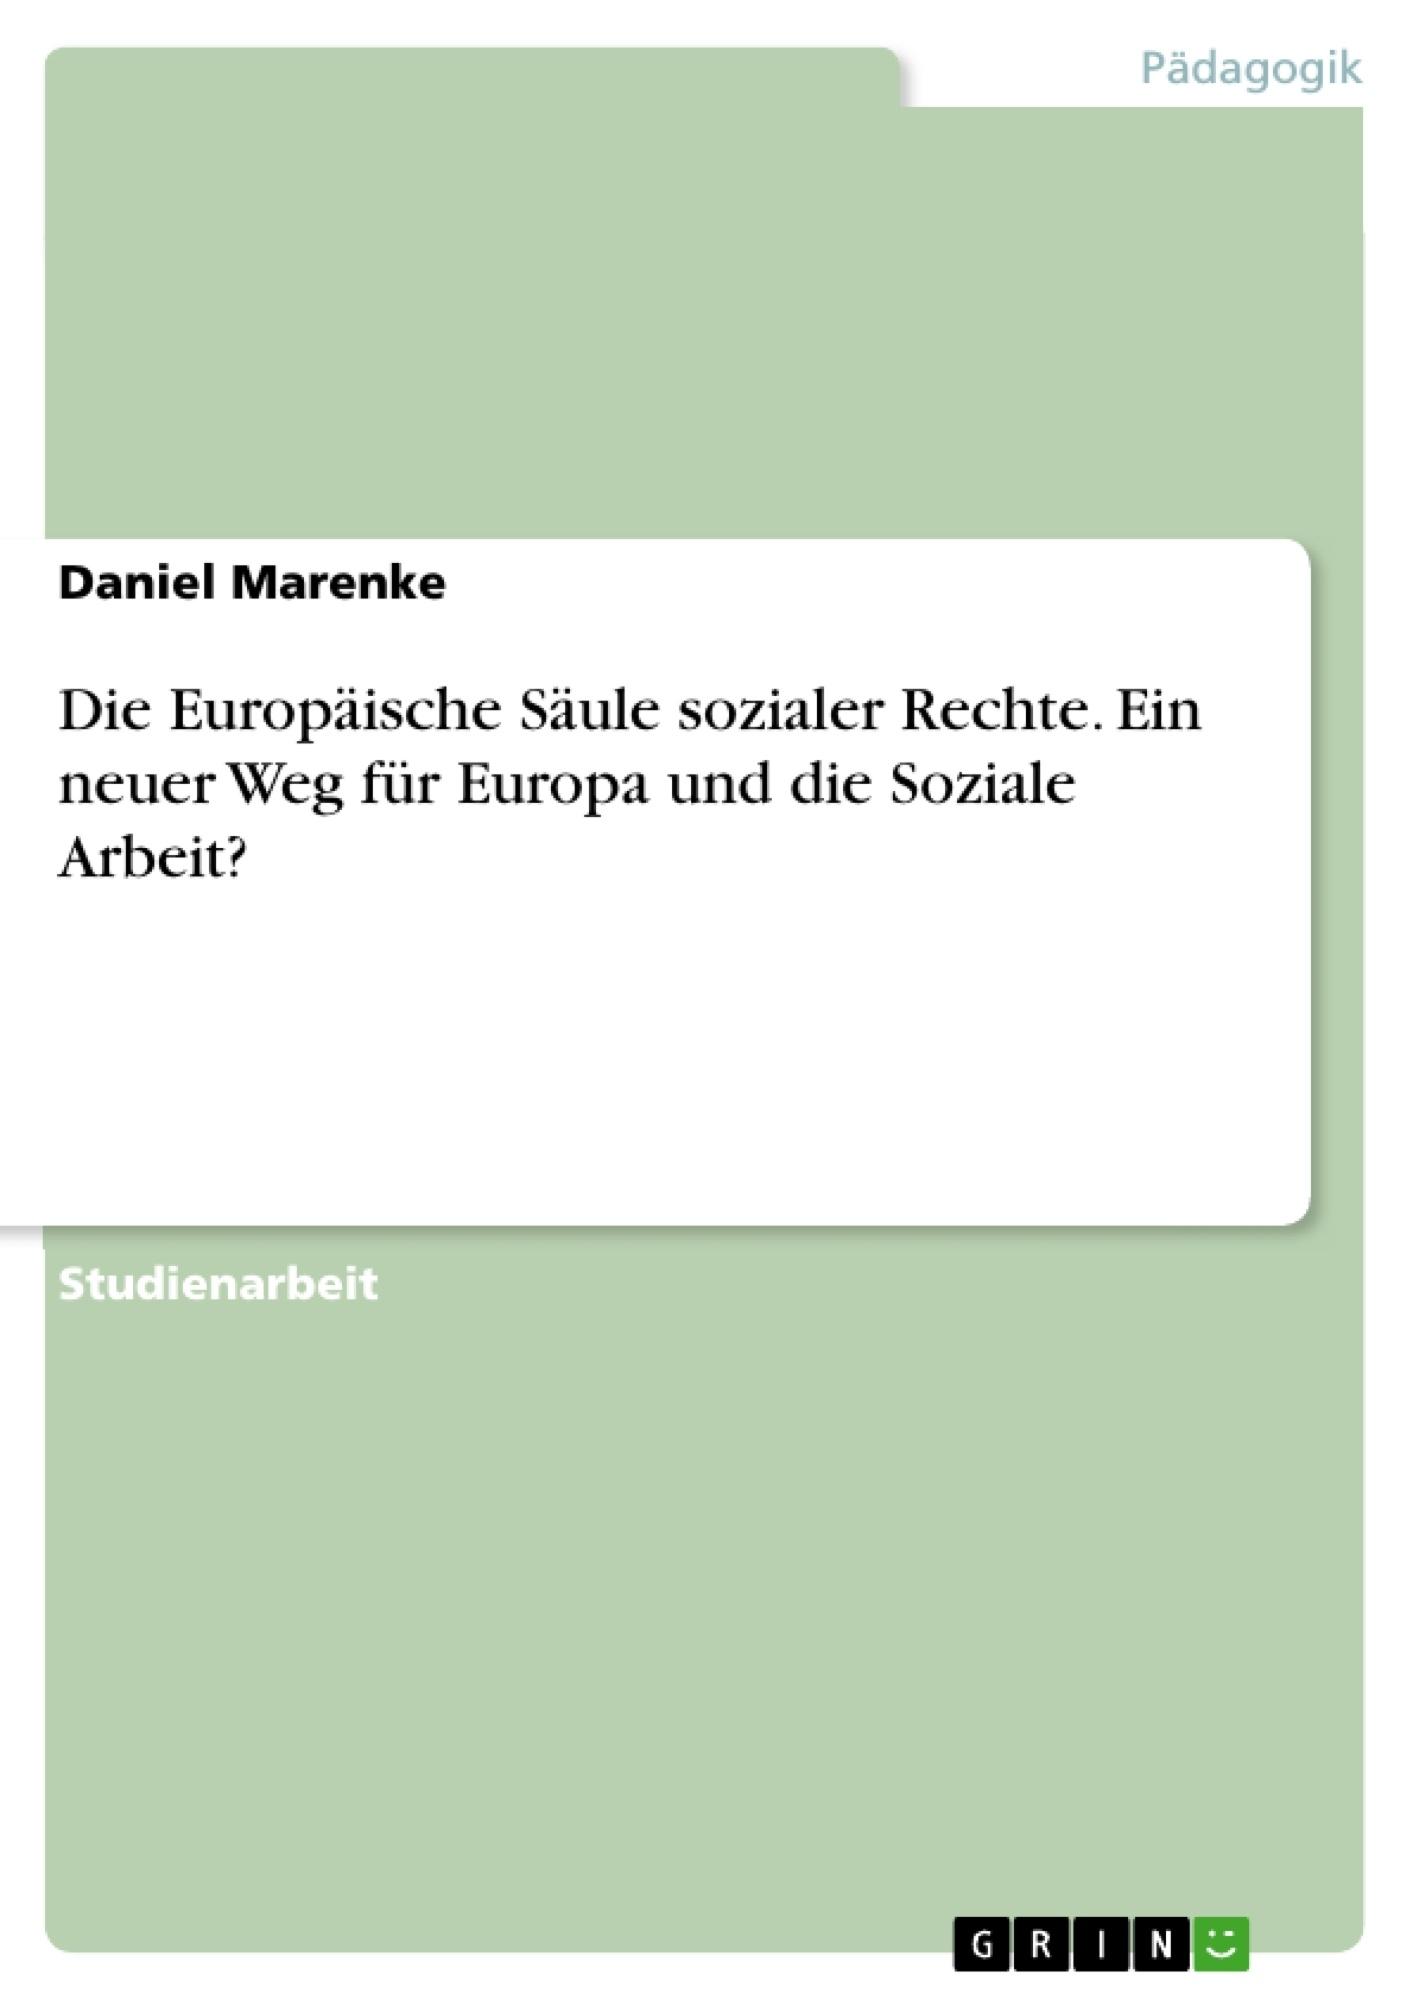 Titel: Die Europäische Säule sozialer Rechte. Ein neuer Weg für Europa und die Soziale Arbeit?